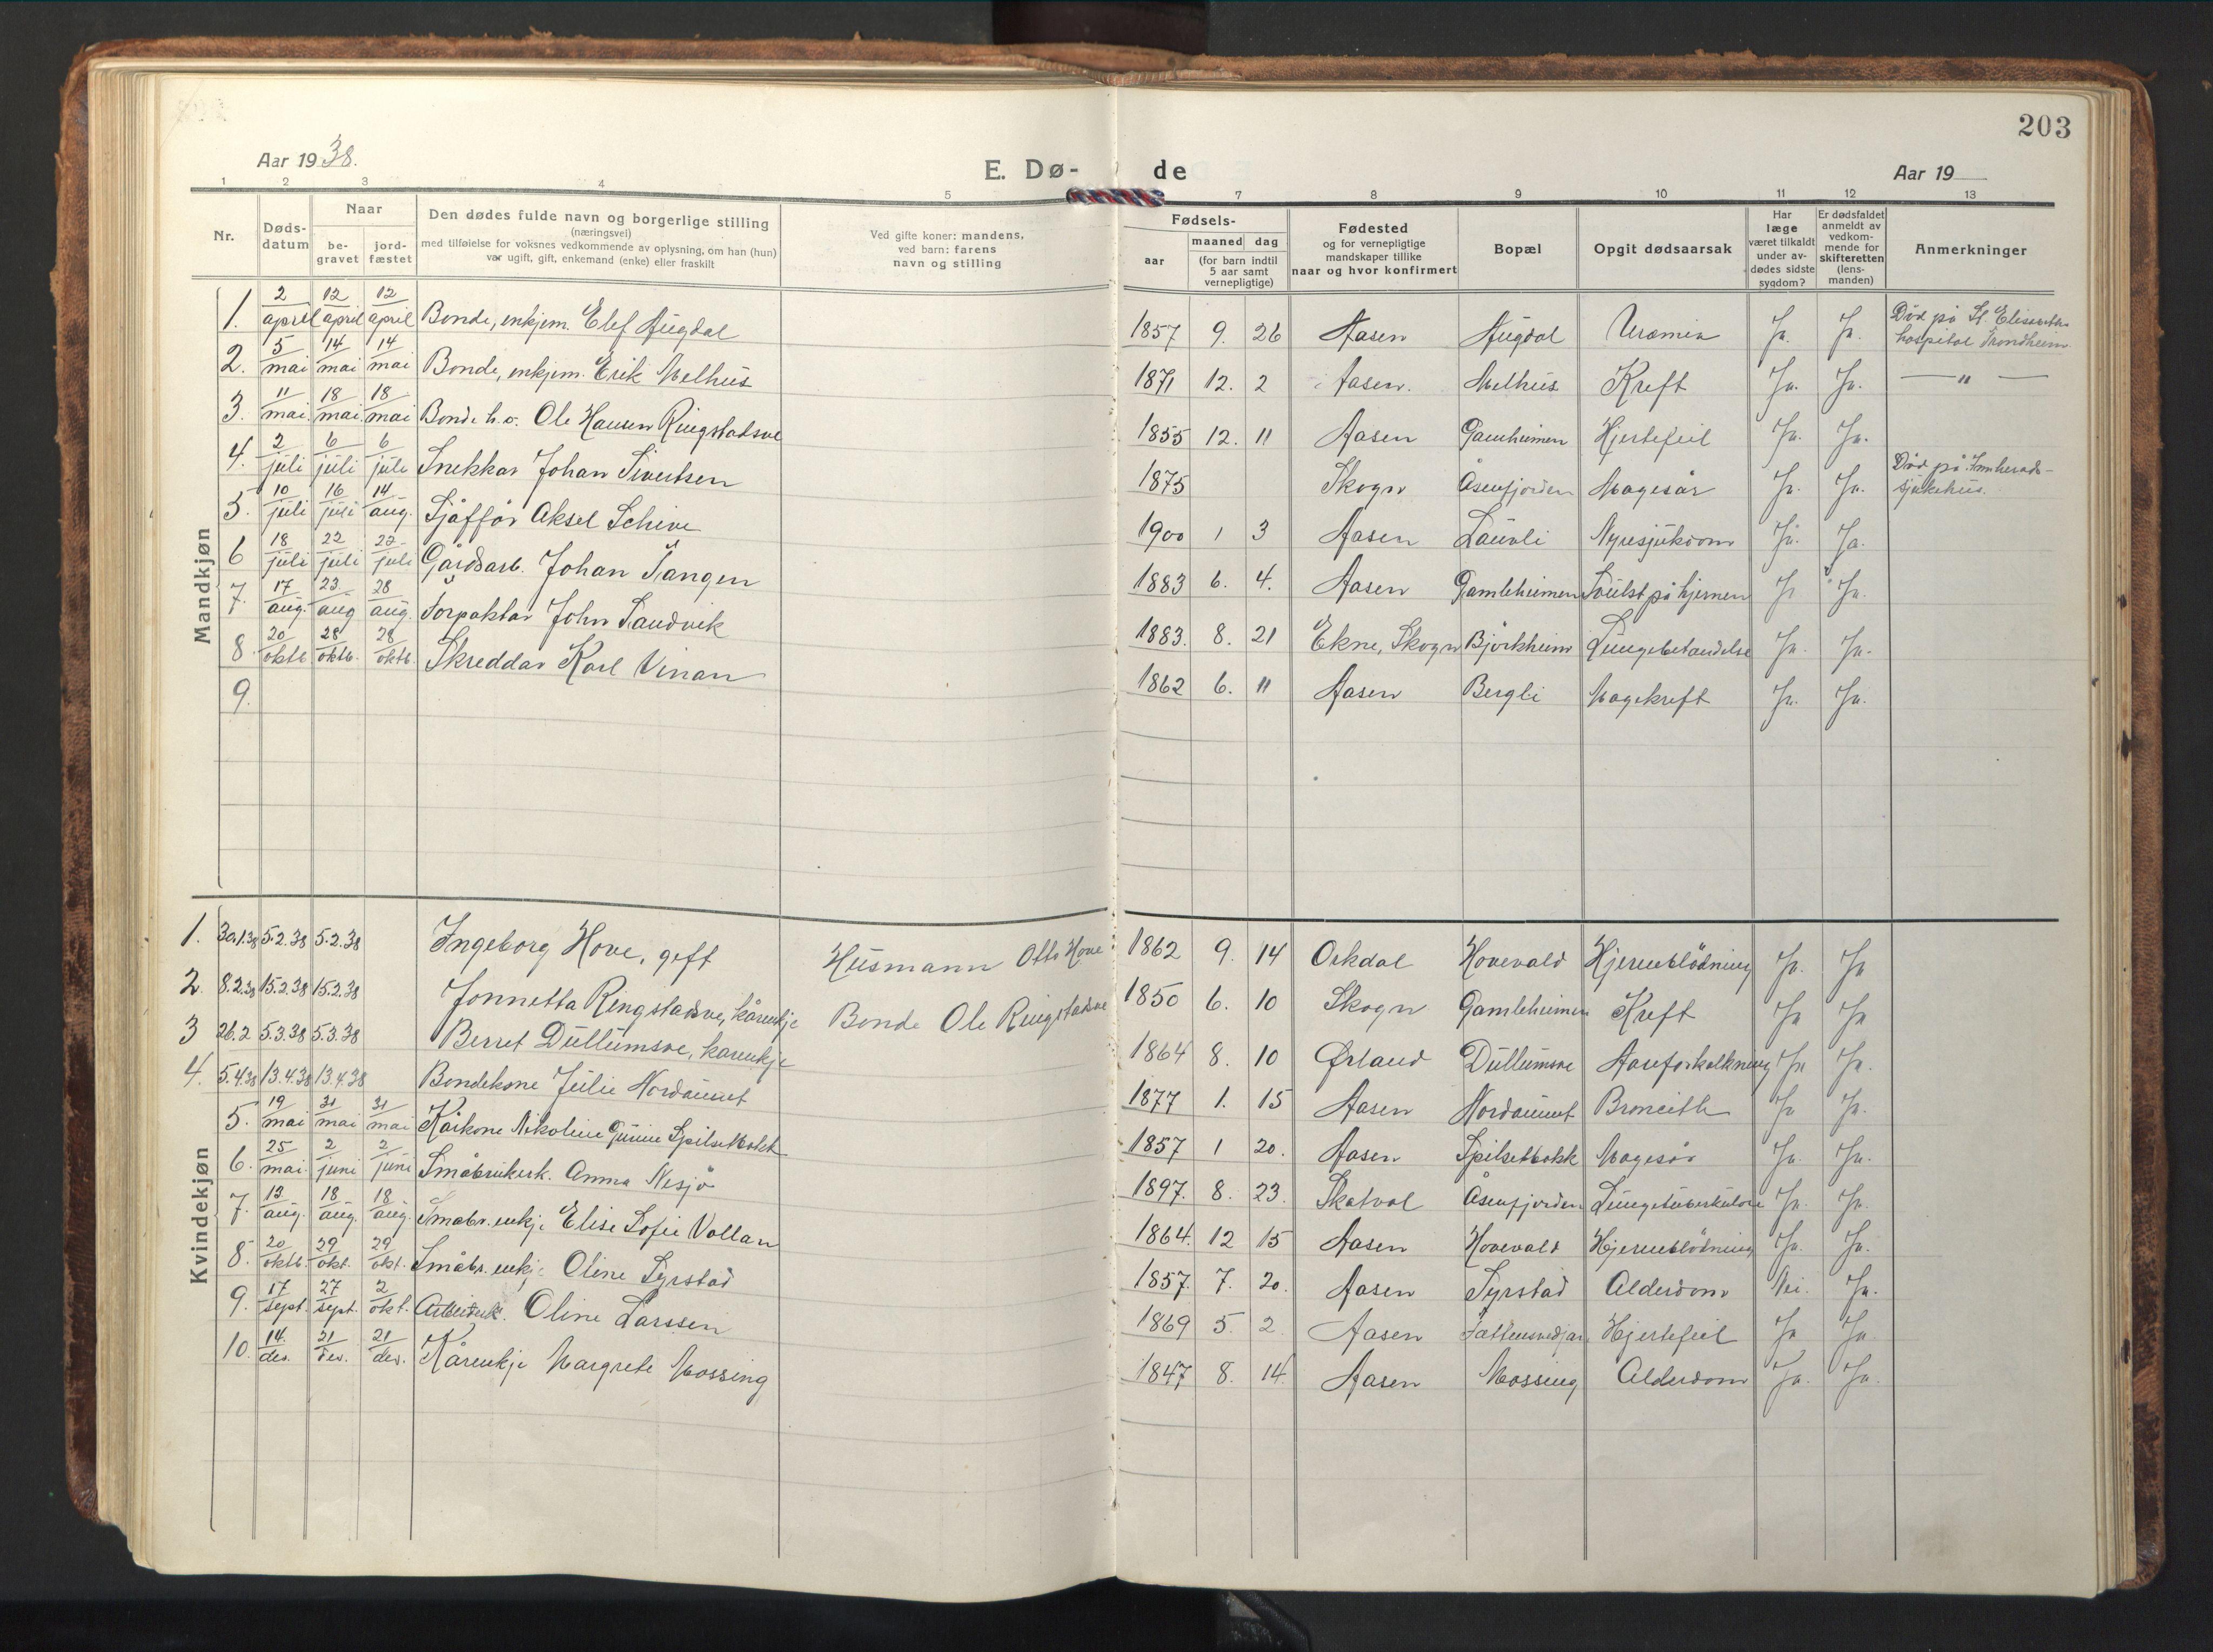 SAT, Ministerialprotokoller, klokkerbøker og fødselsregistre - Nord-Trøndelag, 714/L0136: Klokkerbok nr. 714C05, 1918-1957, s. 203